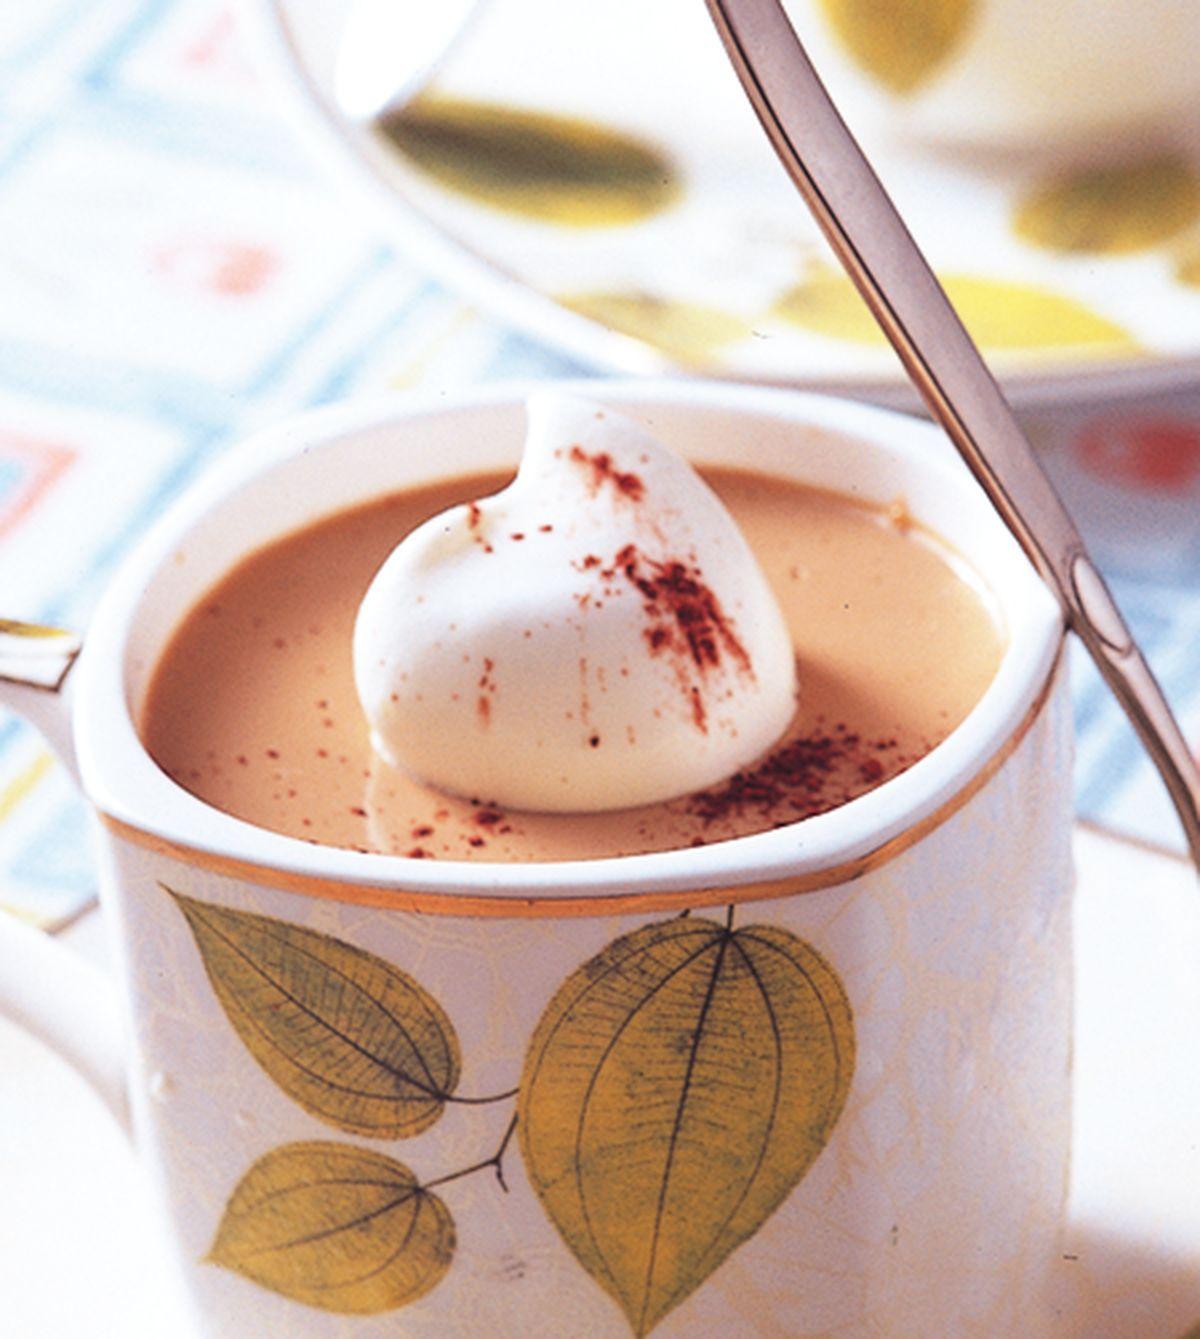 食譜:咖啡布丁